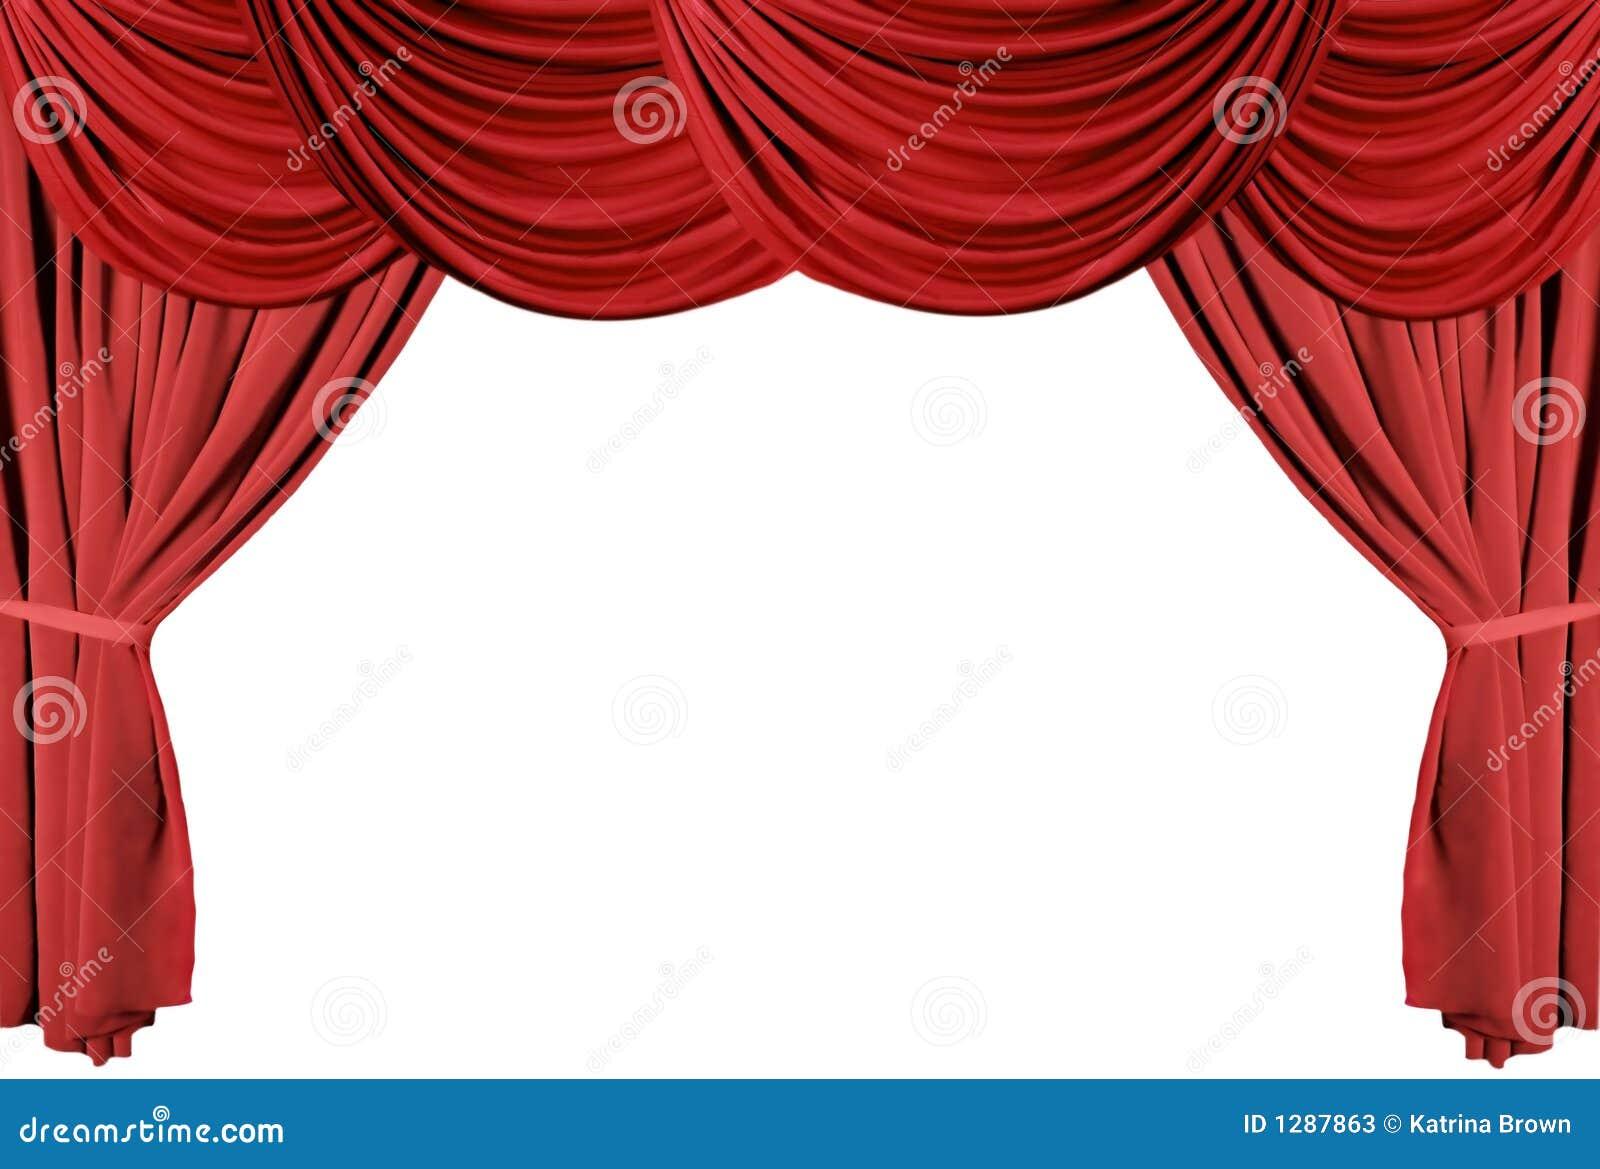 Série Drapée Rouge 3 De Rideaux En Théâtre Photos stock - Image ...